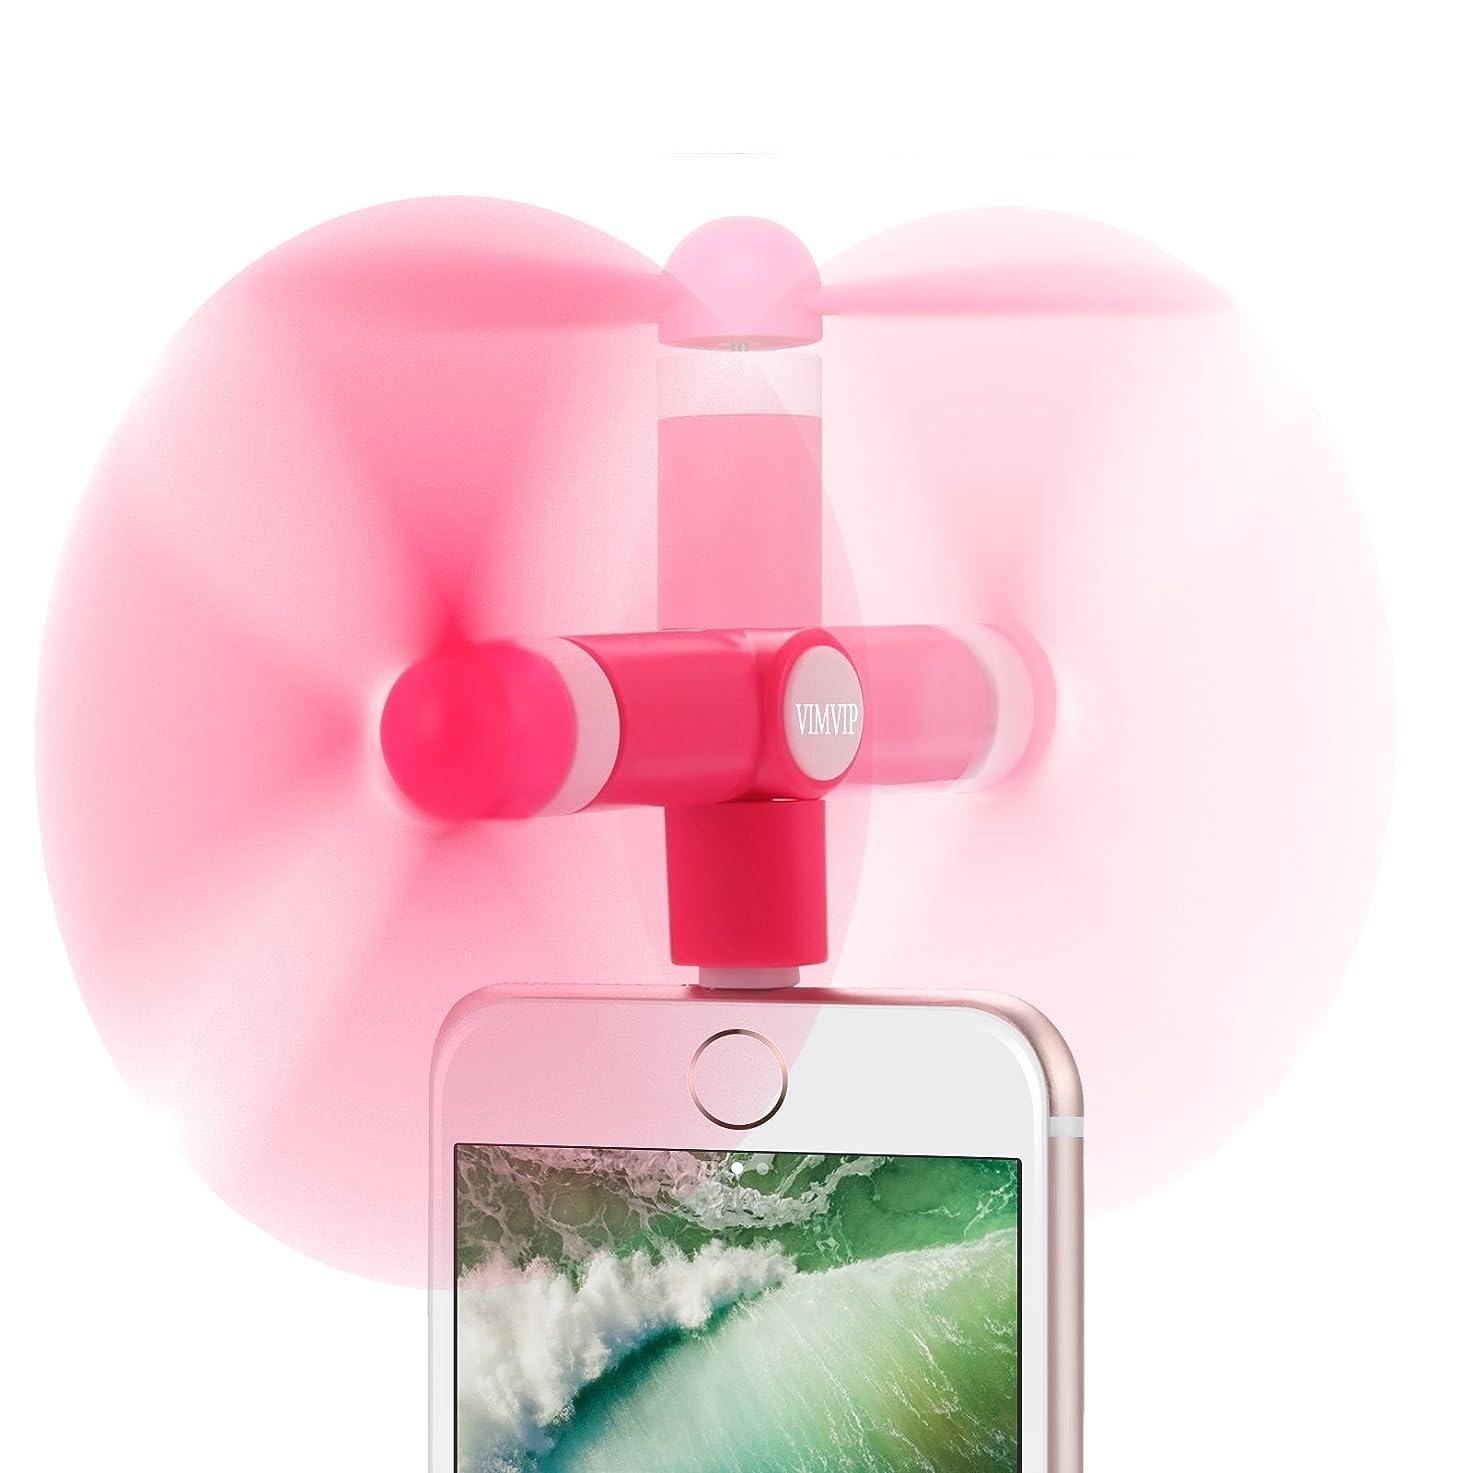 スマホ用携帯扇風機 180度回る?ミニファン VIMVIP ?iPhone扇風機 持ち運べる小型扇風機 Mini Fan 8 Pin Lightning [180 Rotating ] 環境保護材料 超小型ポータブル 外出 携帯式 免充電 静音 超軽量 小型扇風機 モバイルファン 収納便利 手持ち? iPhoneX/XR/XS/8/8?Plus/iPhone 7 / 7 Plus/ 6S Plus / 6S / 6 / 5S / 5 / iPod Touch ,iPad,?iPod 対応  (レッド)